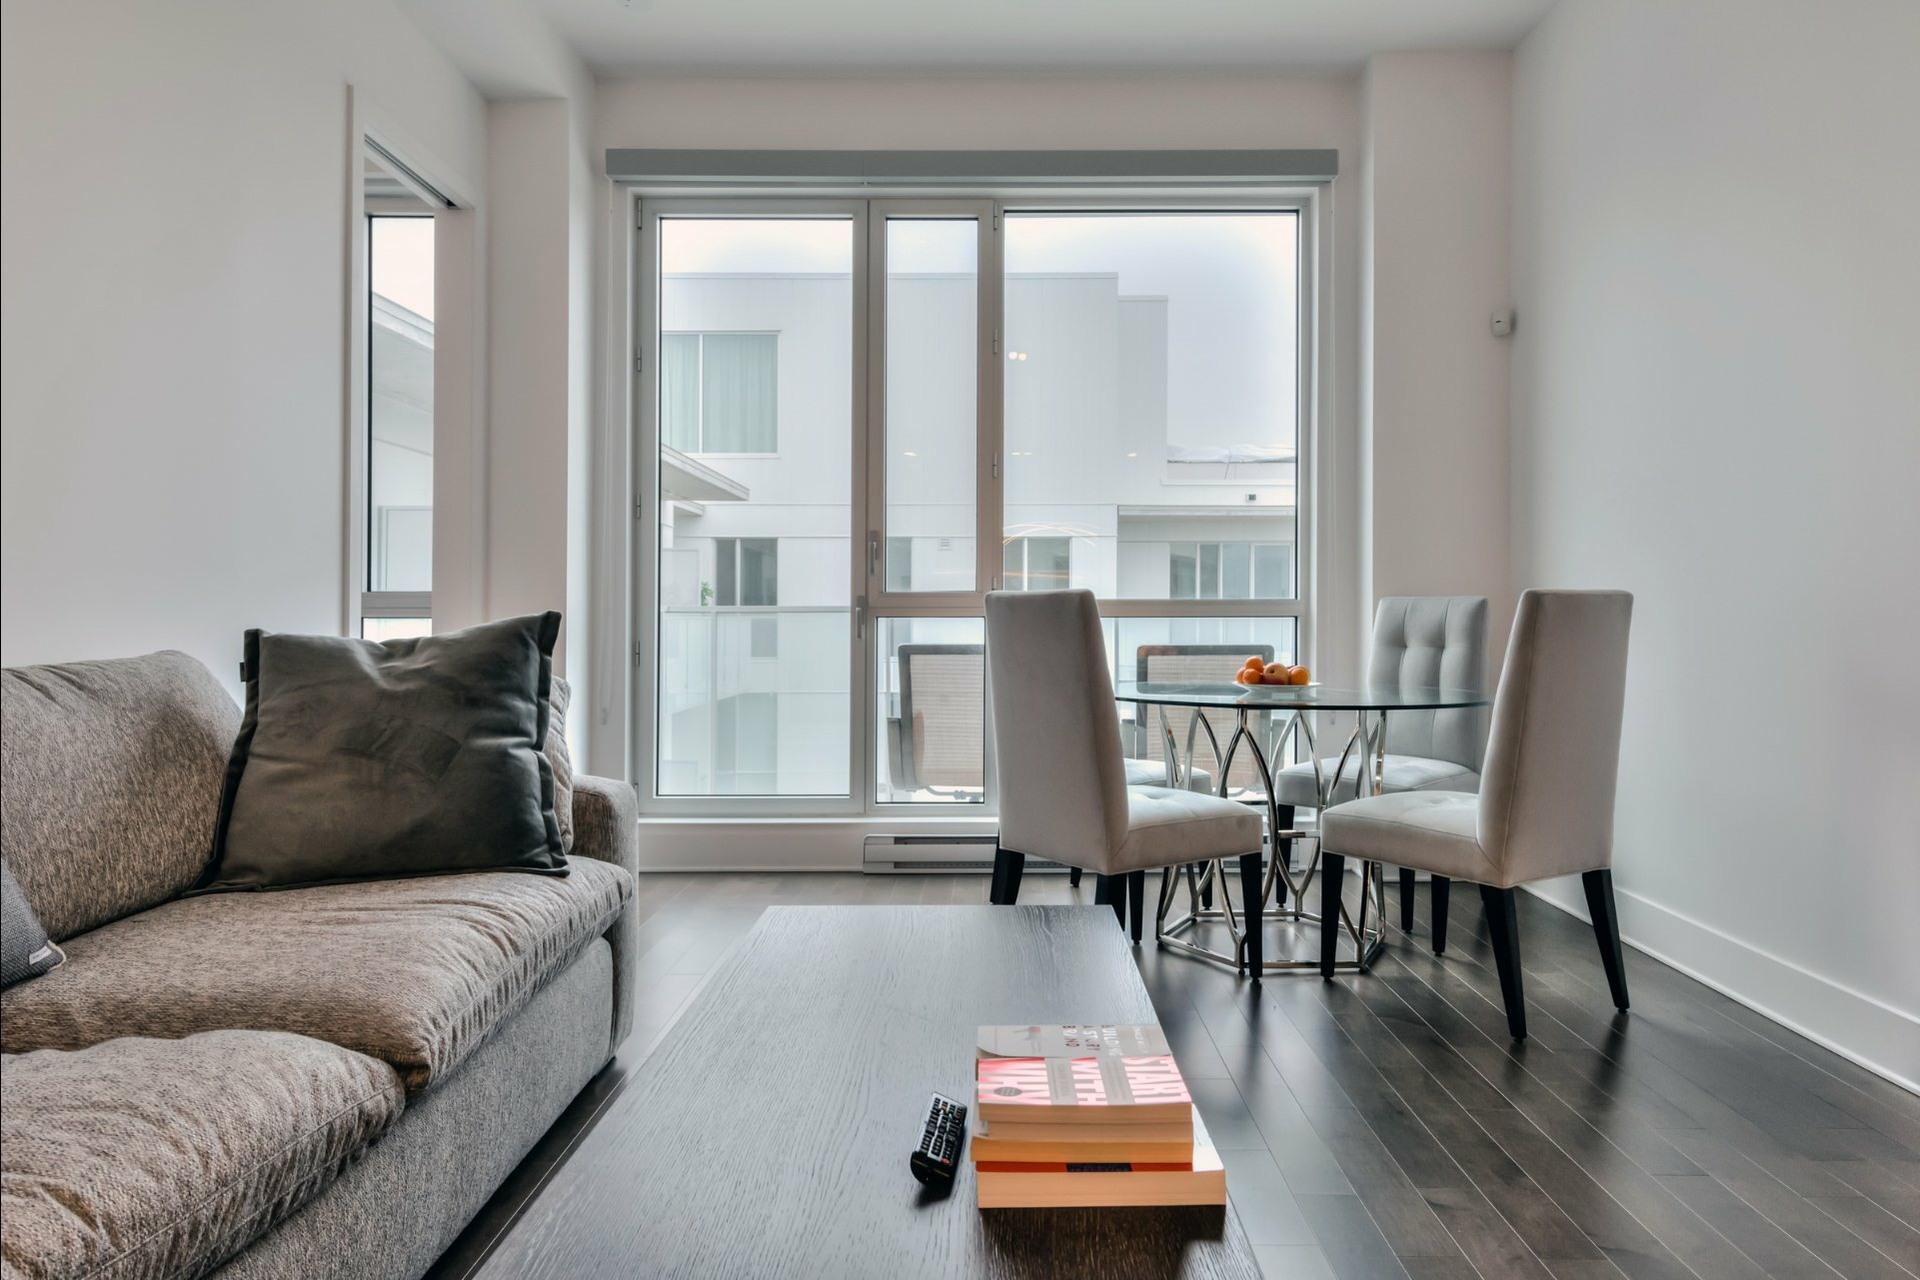 image 10 - 公寓 出售 Côte-des-Neiges/Notre-Dame-de-Grâce Montréal  - 4 室